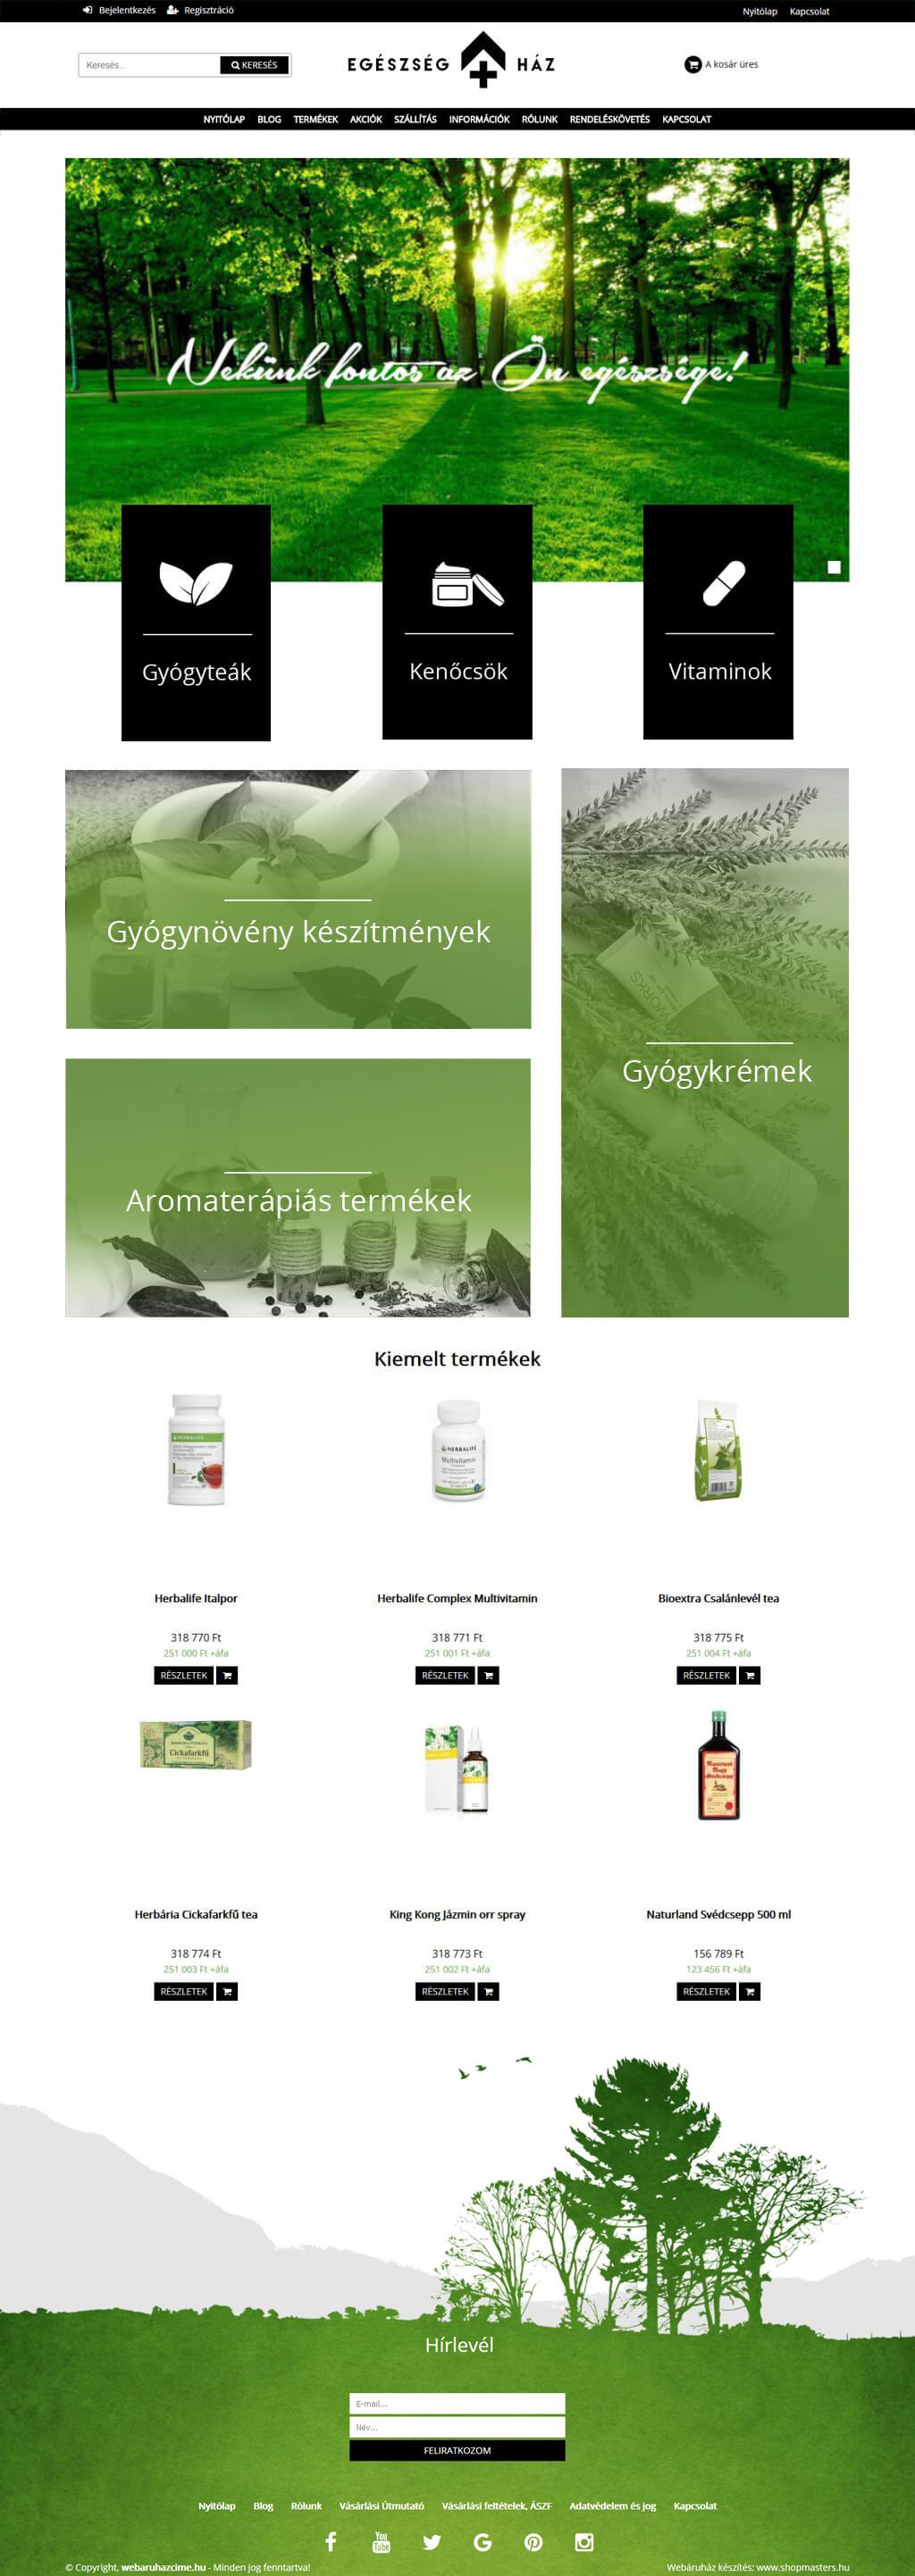 Egészség ház webshop webáruház webdesign, arculat